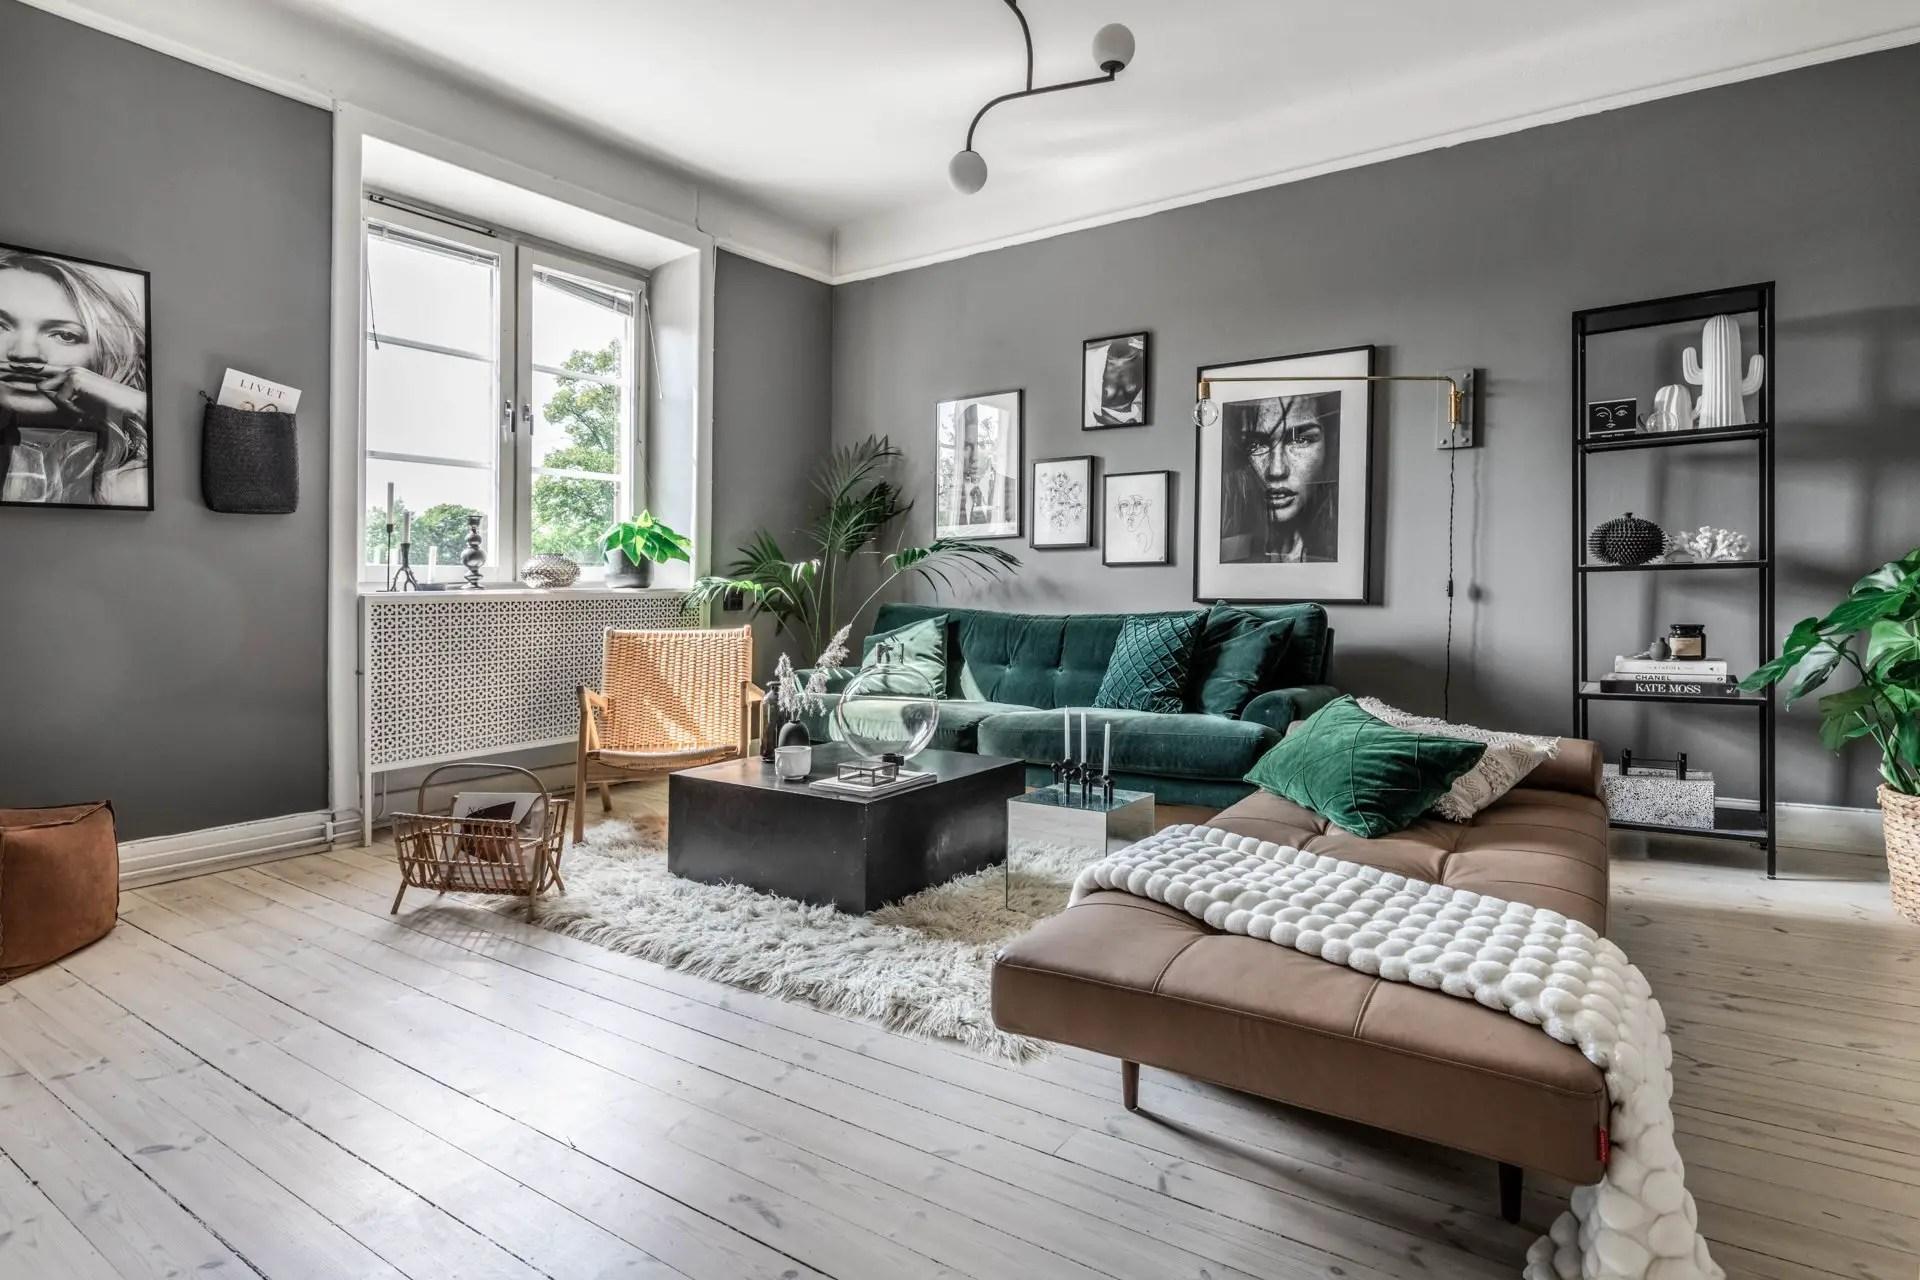 Un canapé en velours vert et des murs gris